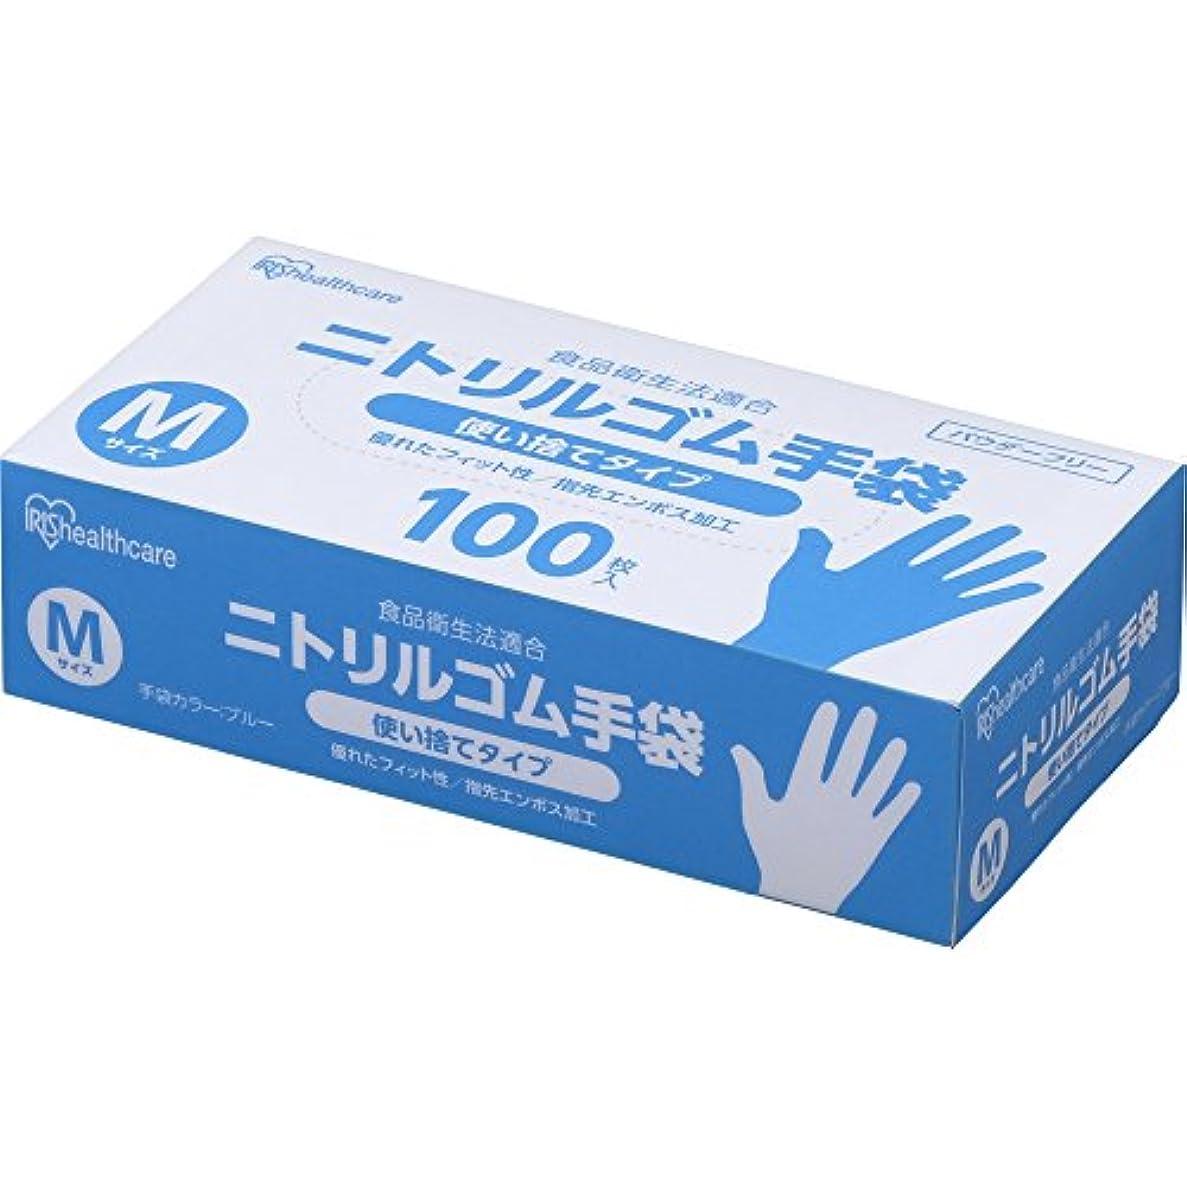 スペシャリスト繕うモスアイリスオーヤマ 使い捨て手袋 ブルー ニトリルゴム 100枚 Mサイズ 業務用